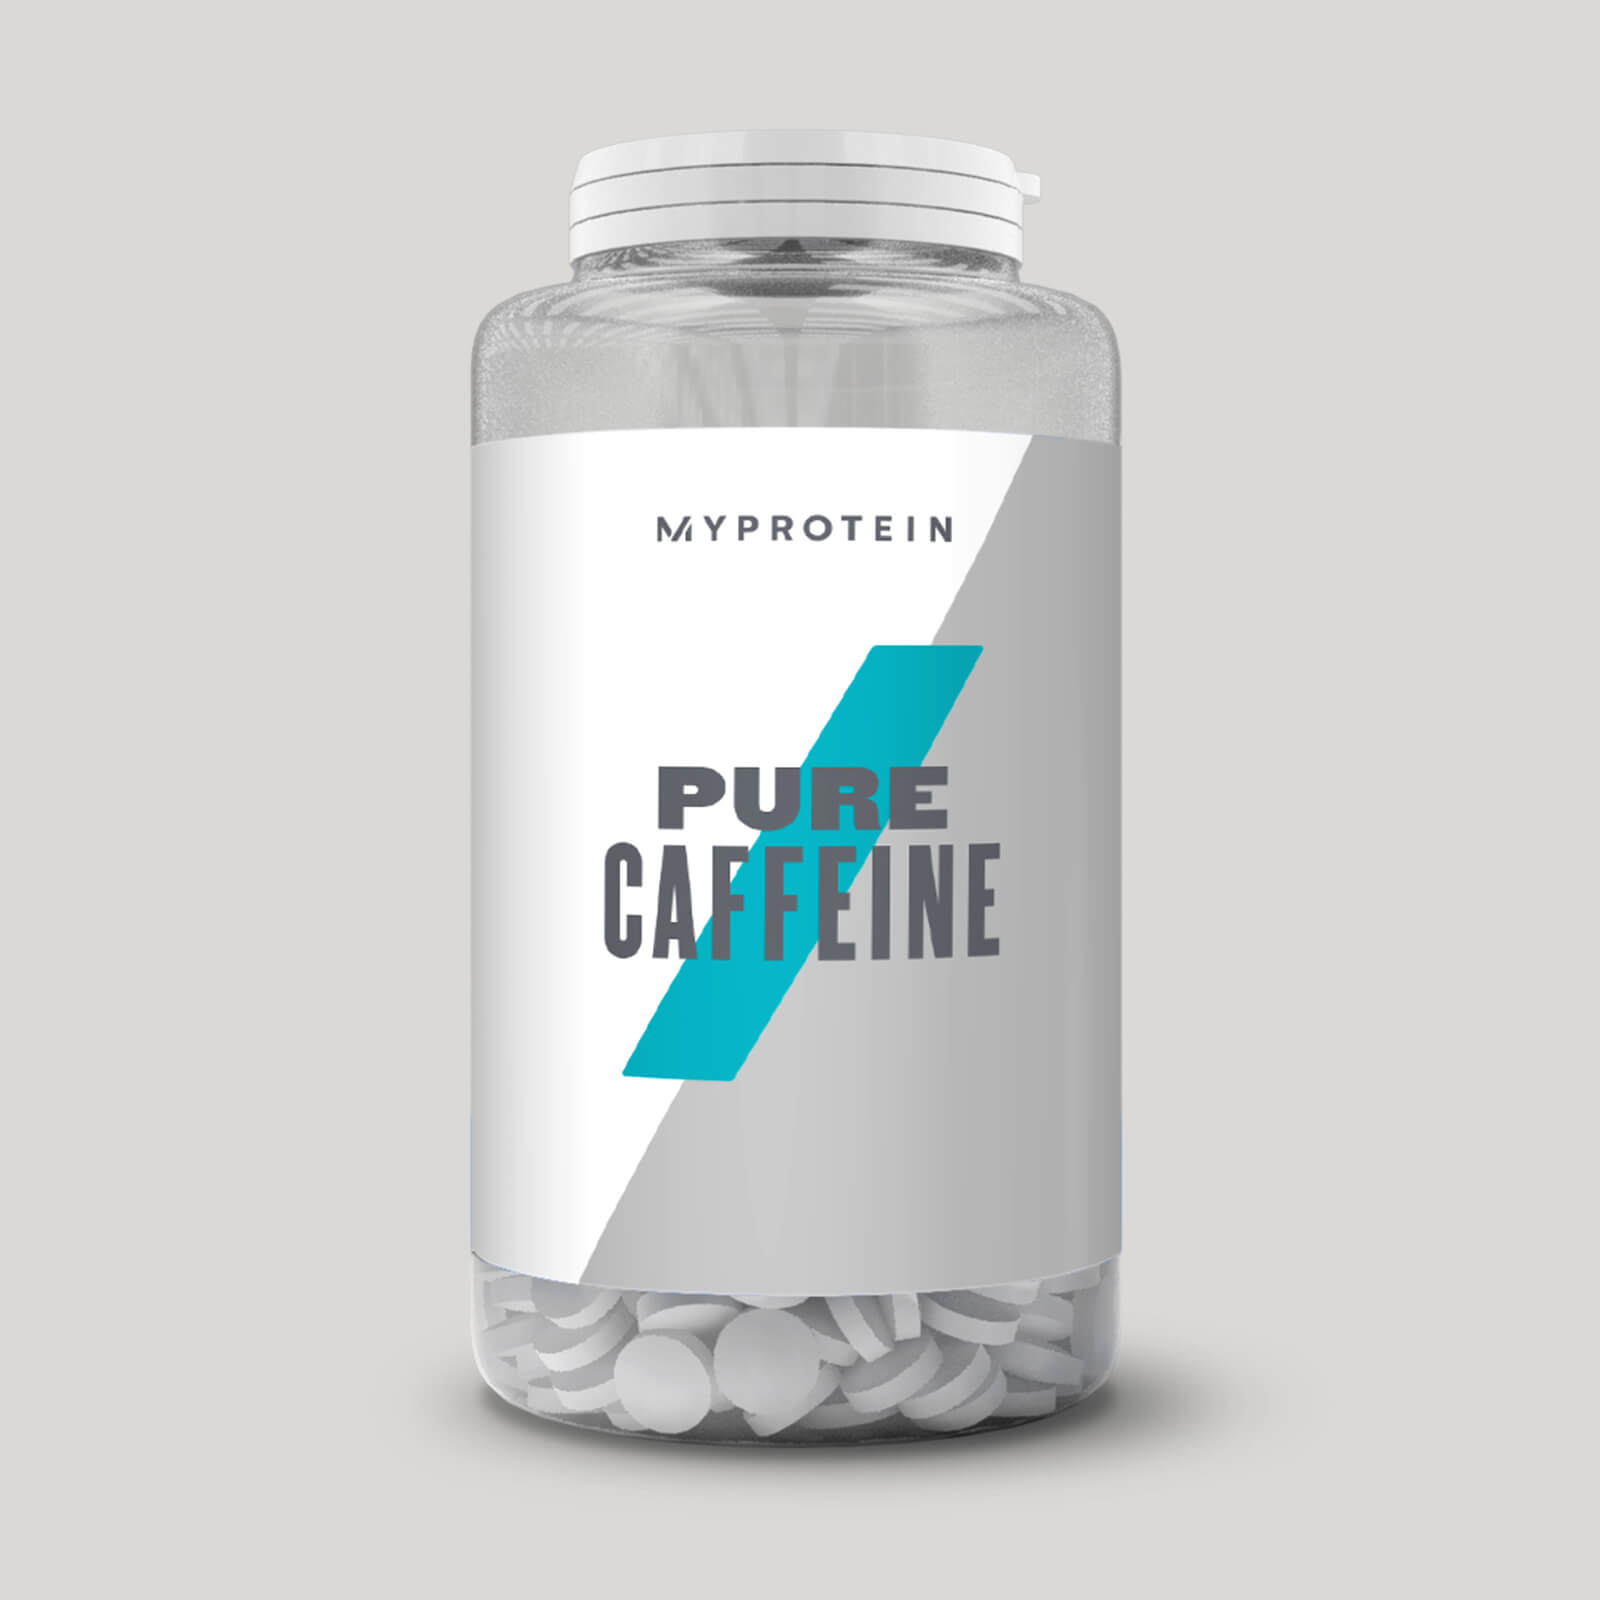 Cafeína Pura MyProtein